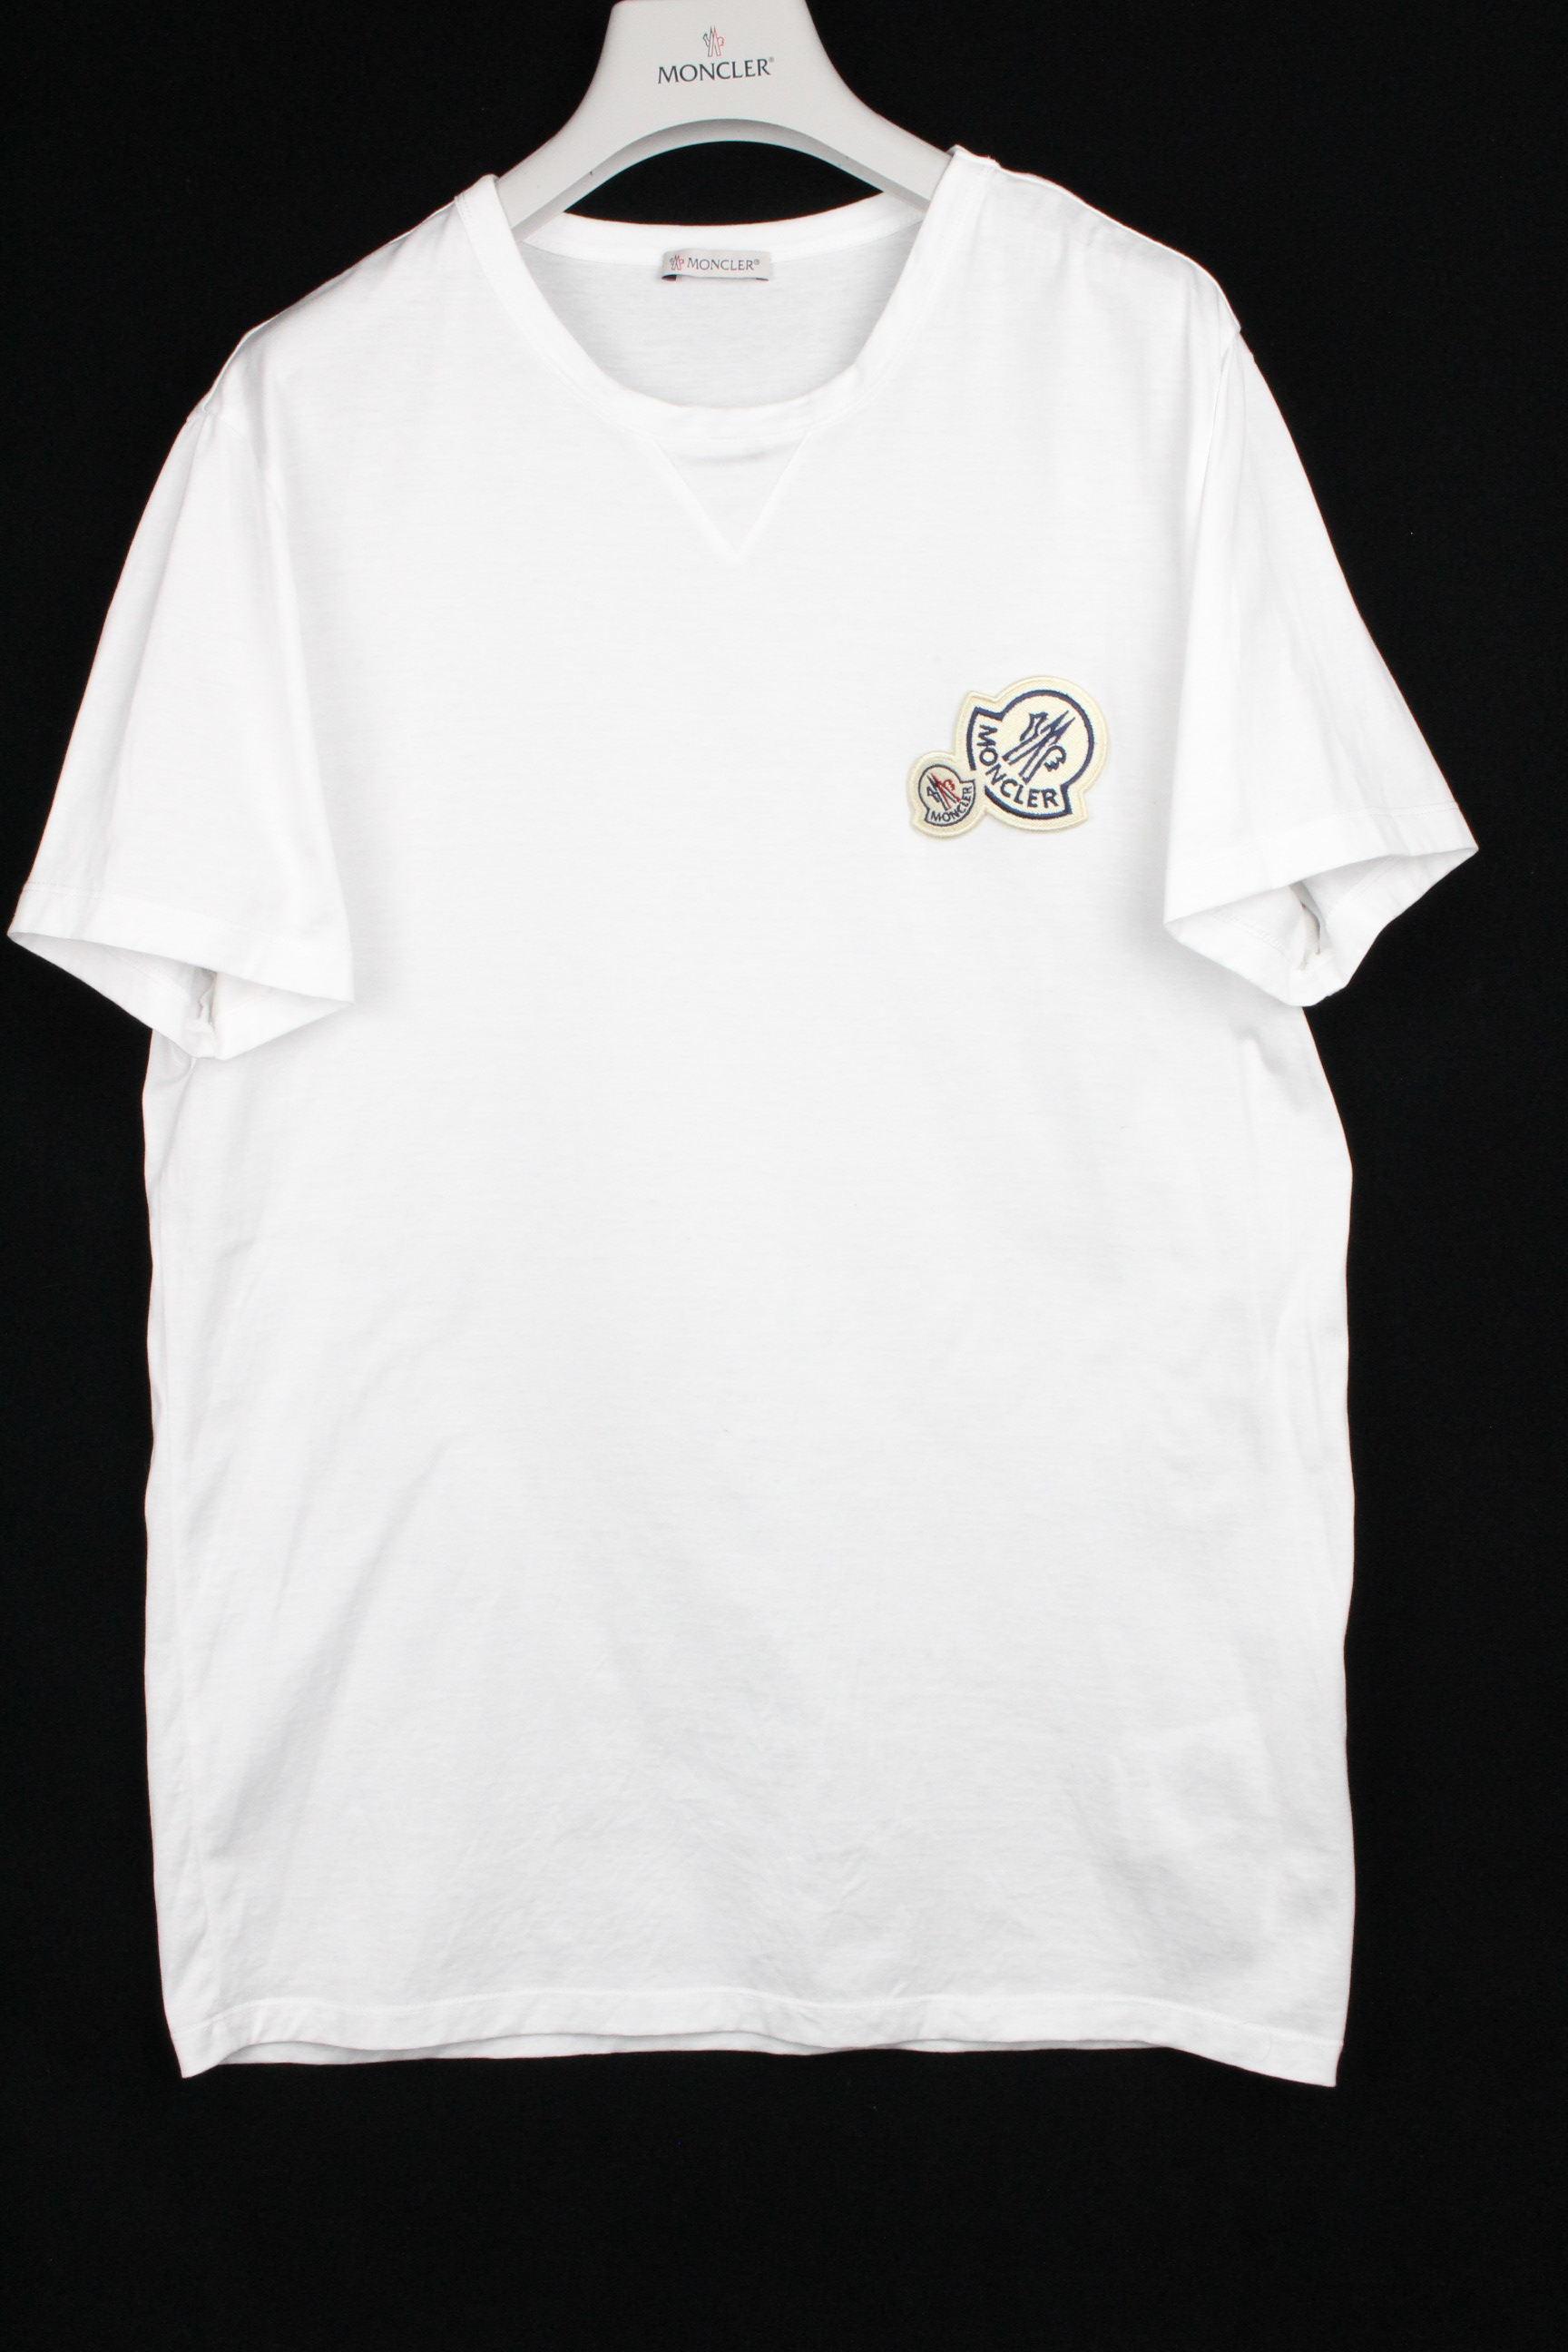 モンクレール [ MONCLER ] 2019 デカワッペン Tシャツ ホワイト 白 半袖 SIZE[L] メンズ トップス カットソー